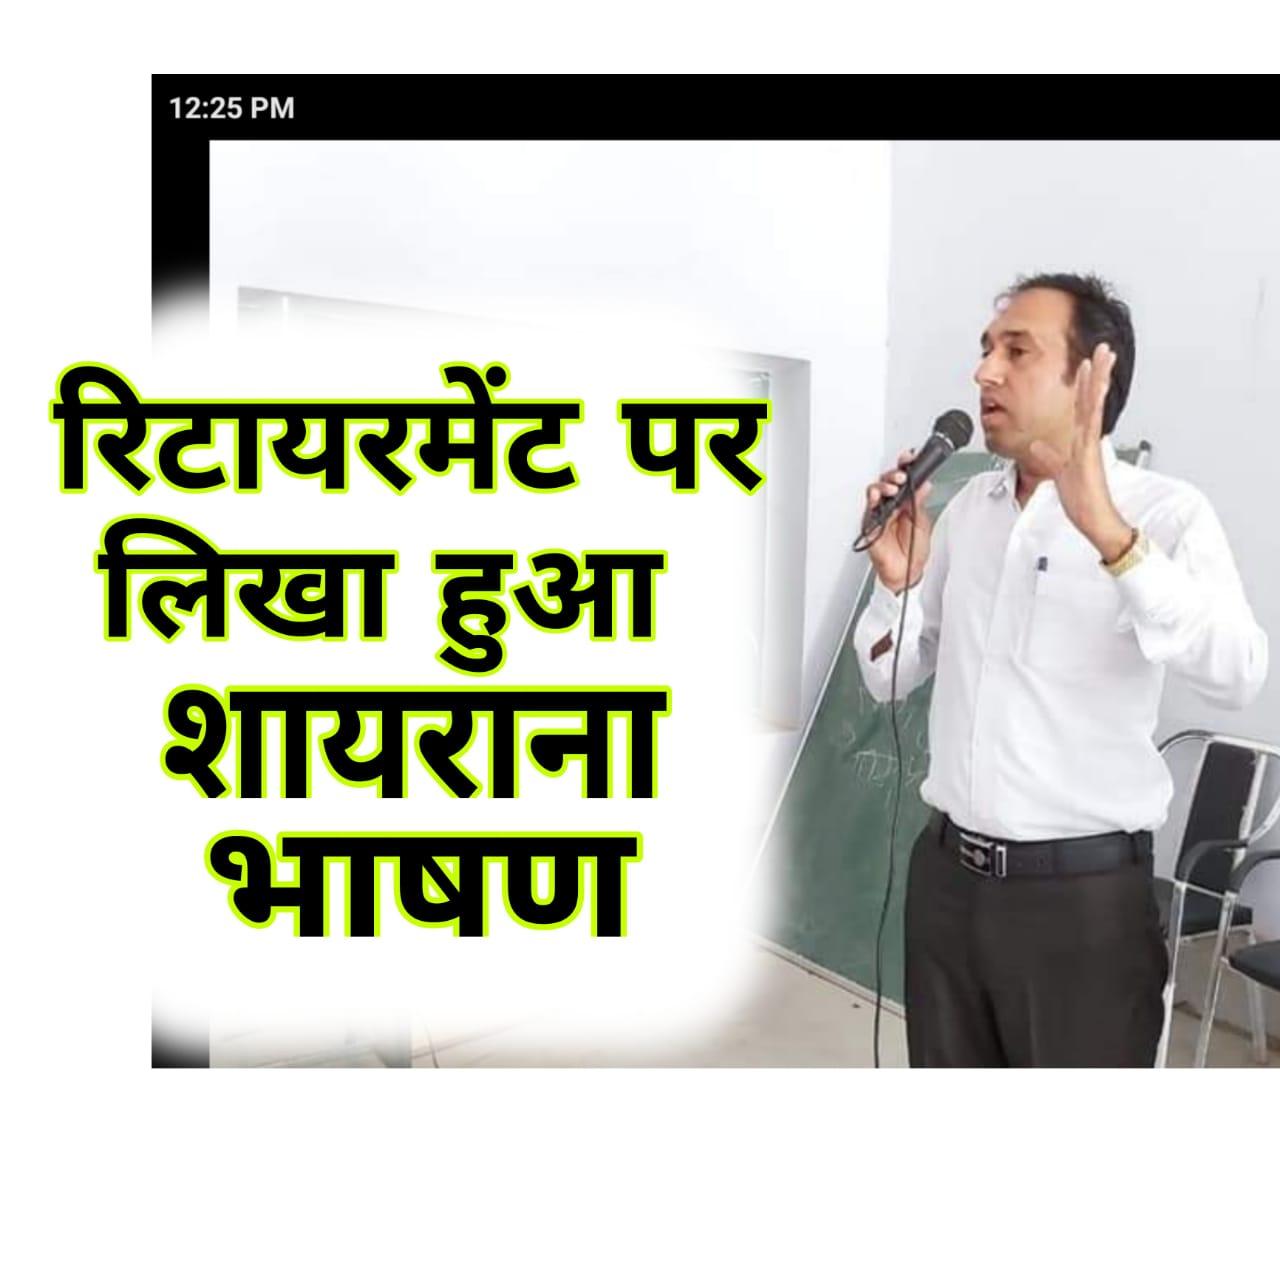 Retirement Speech Shayari. Retirement Speech In Hindi. Vidai Speech. FAREWELL Speech Satish Kumar